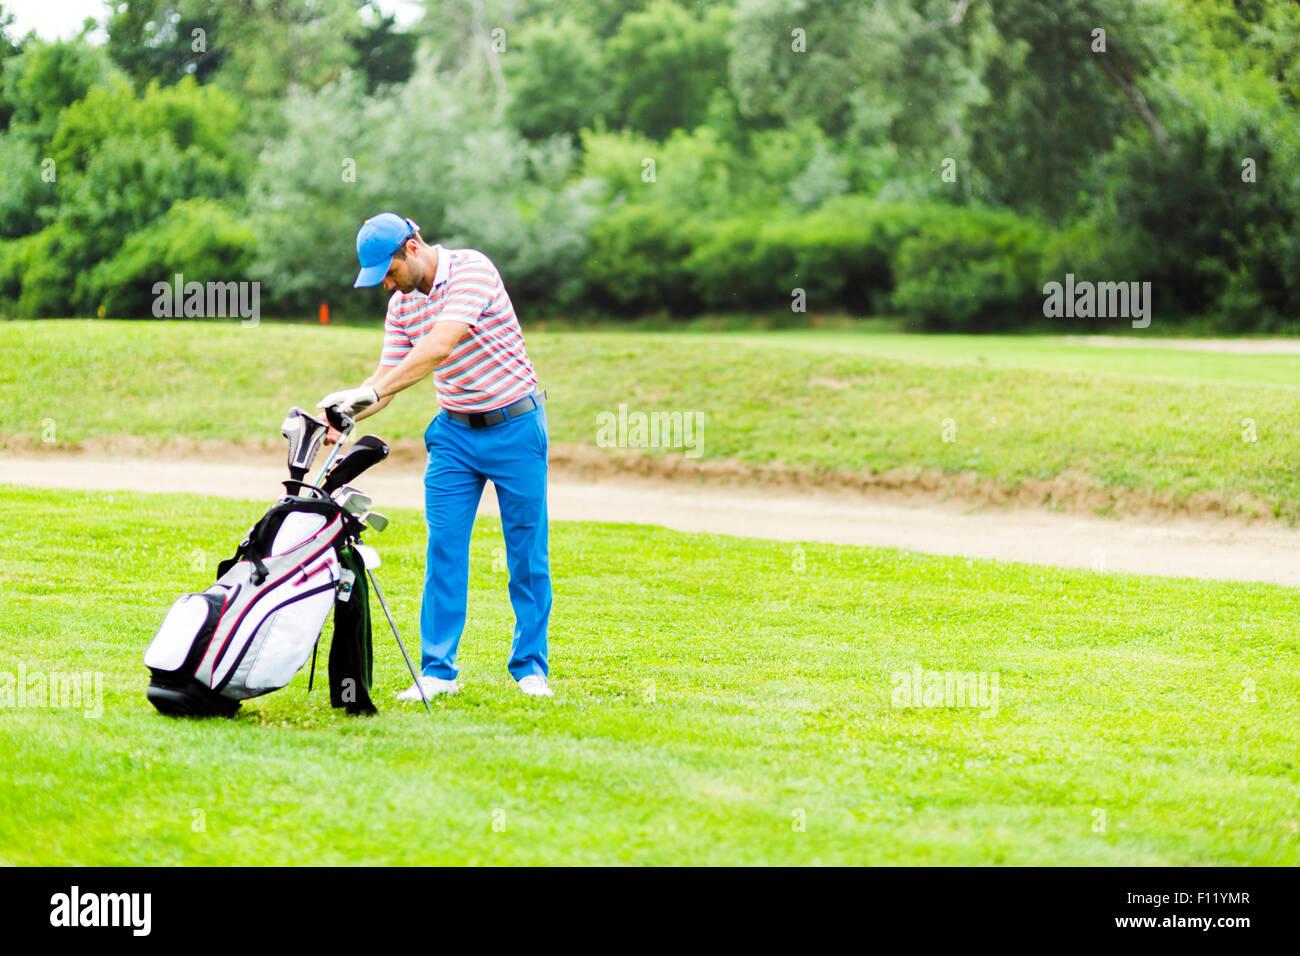 Golfer die Auswahl geeigneter Club für den nächsten Schuss Stockbild